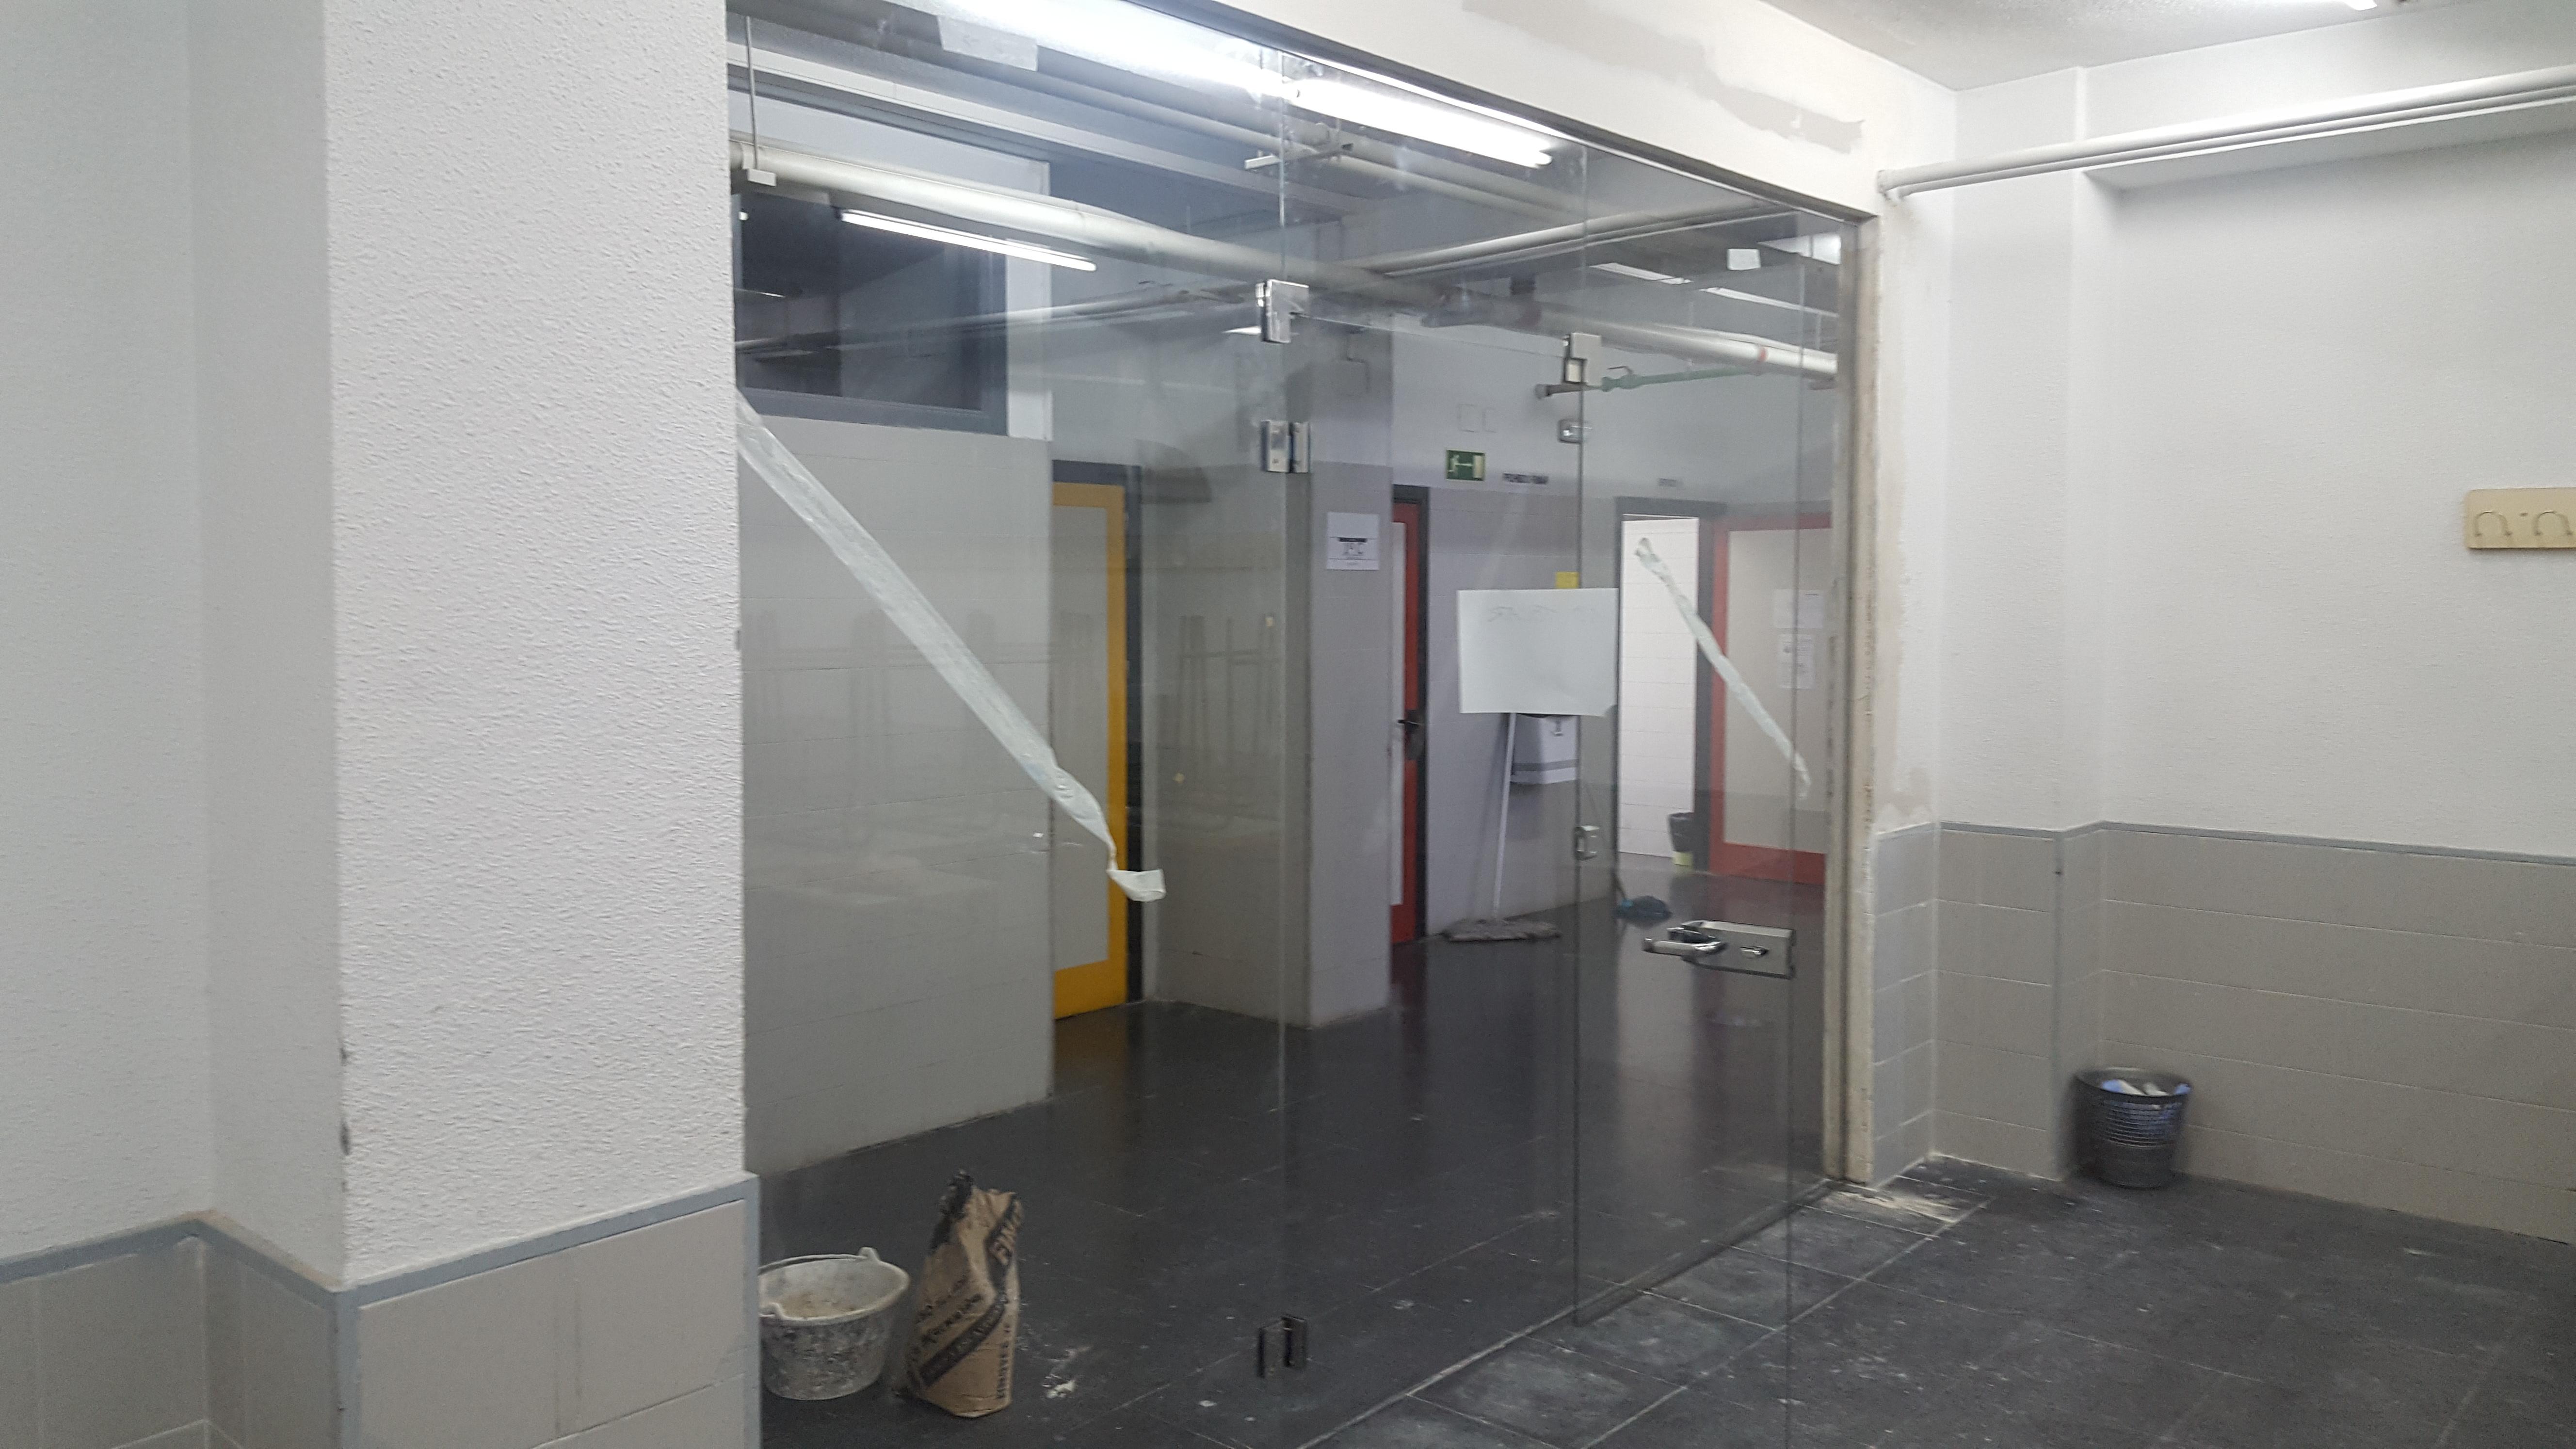 Aula de emprendiemiento -Fuenlabrada, Madrid